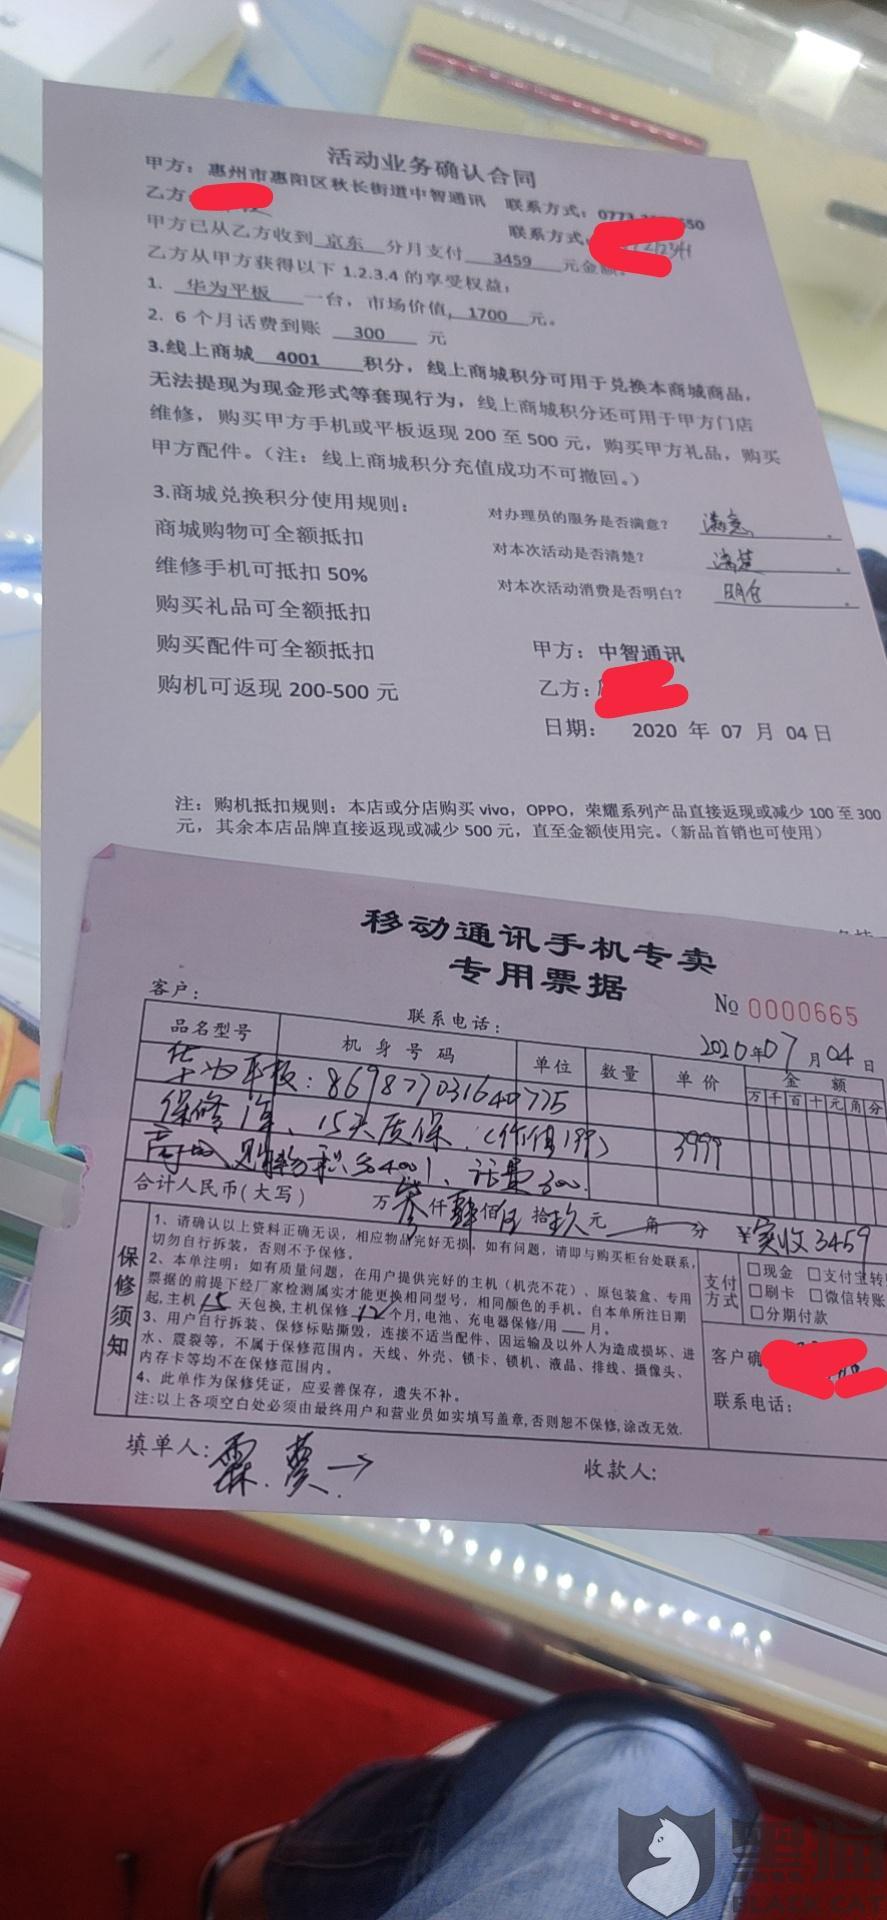 黑猫投诉:华为终端客服用时6小时解决了消费者投诉